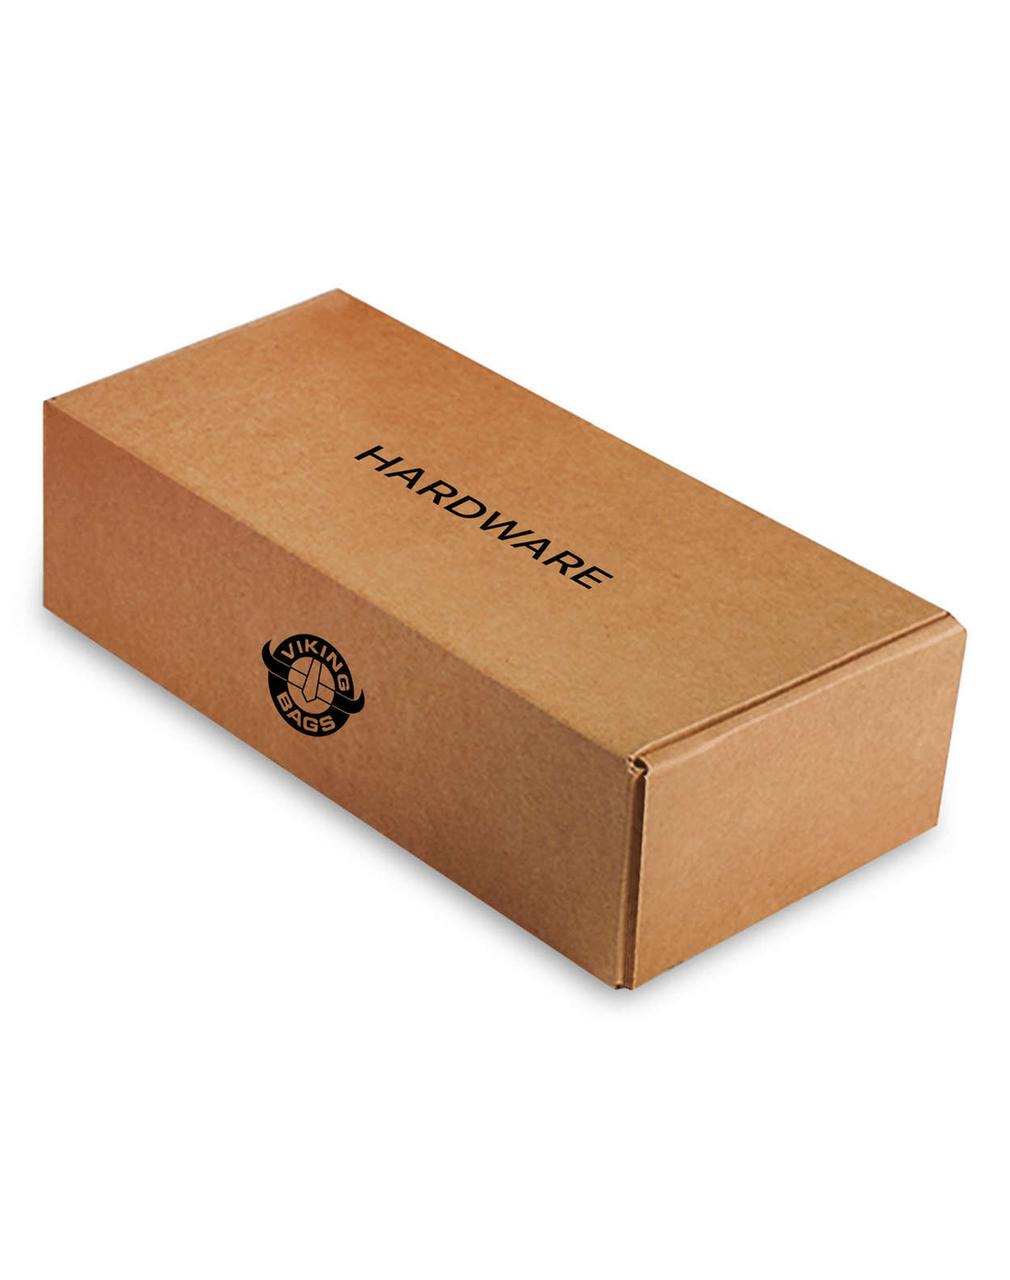 Honda 1100 Shadow Spirit Viking Warrior Series Medium Motorcycle Saddlebags Hardware Box